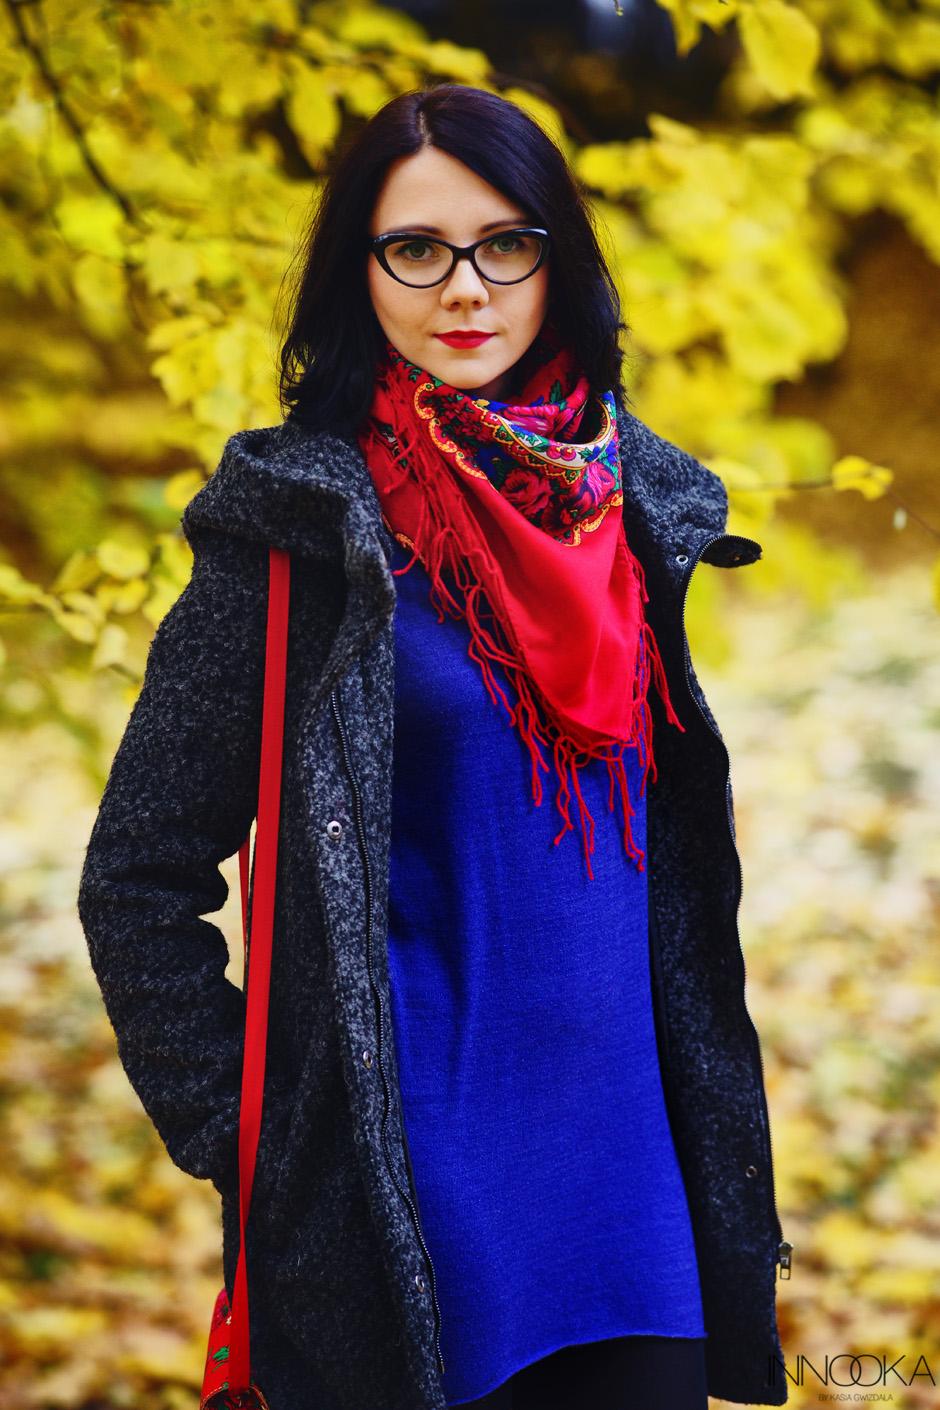 Jesienna stylizacja 2015 blog innooka moda jesień (11)